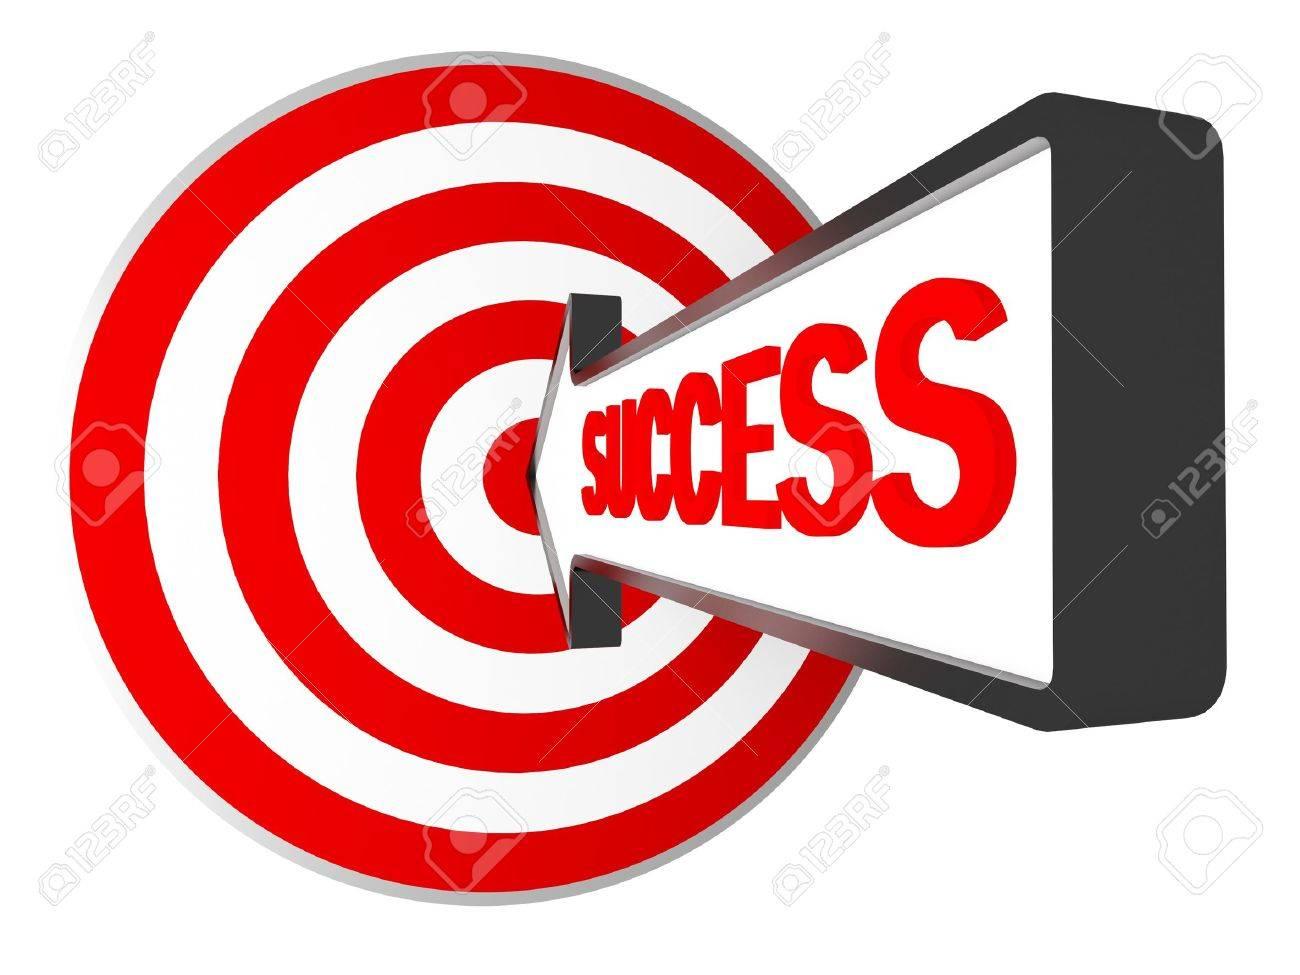 3d target and success arrow metaphoric business image Stock Photo - 6893214